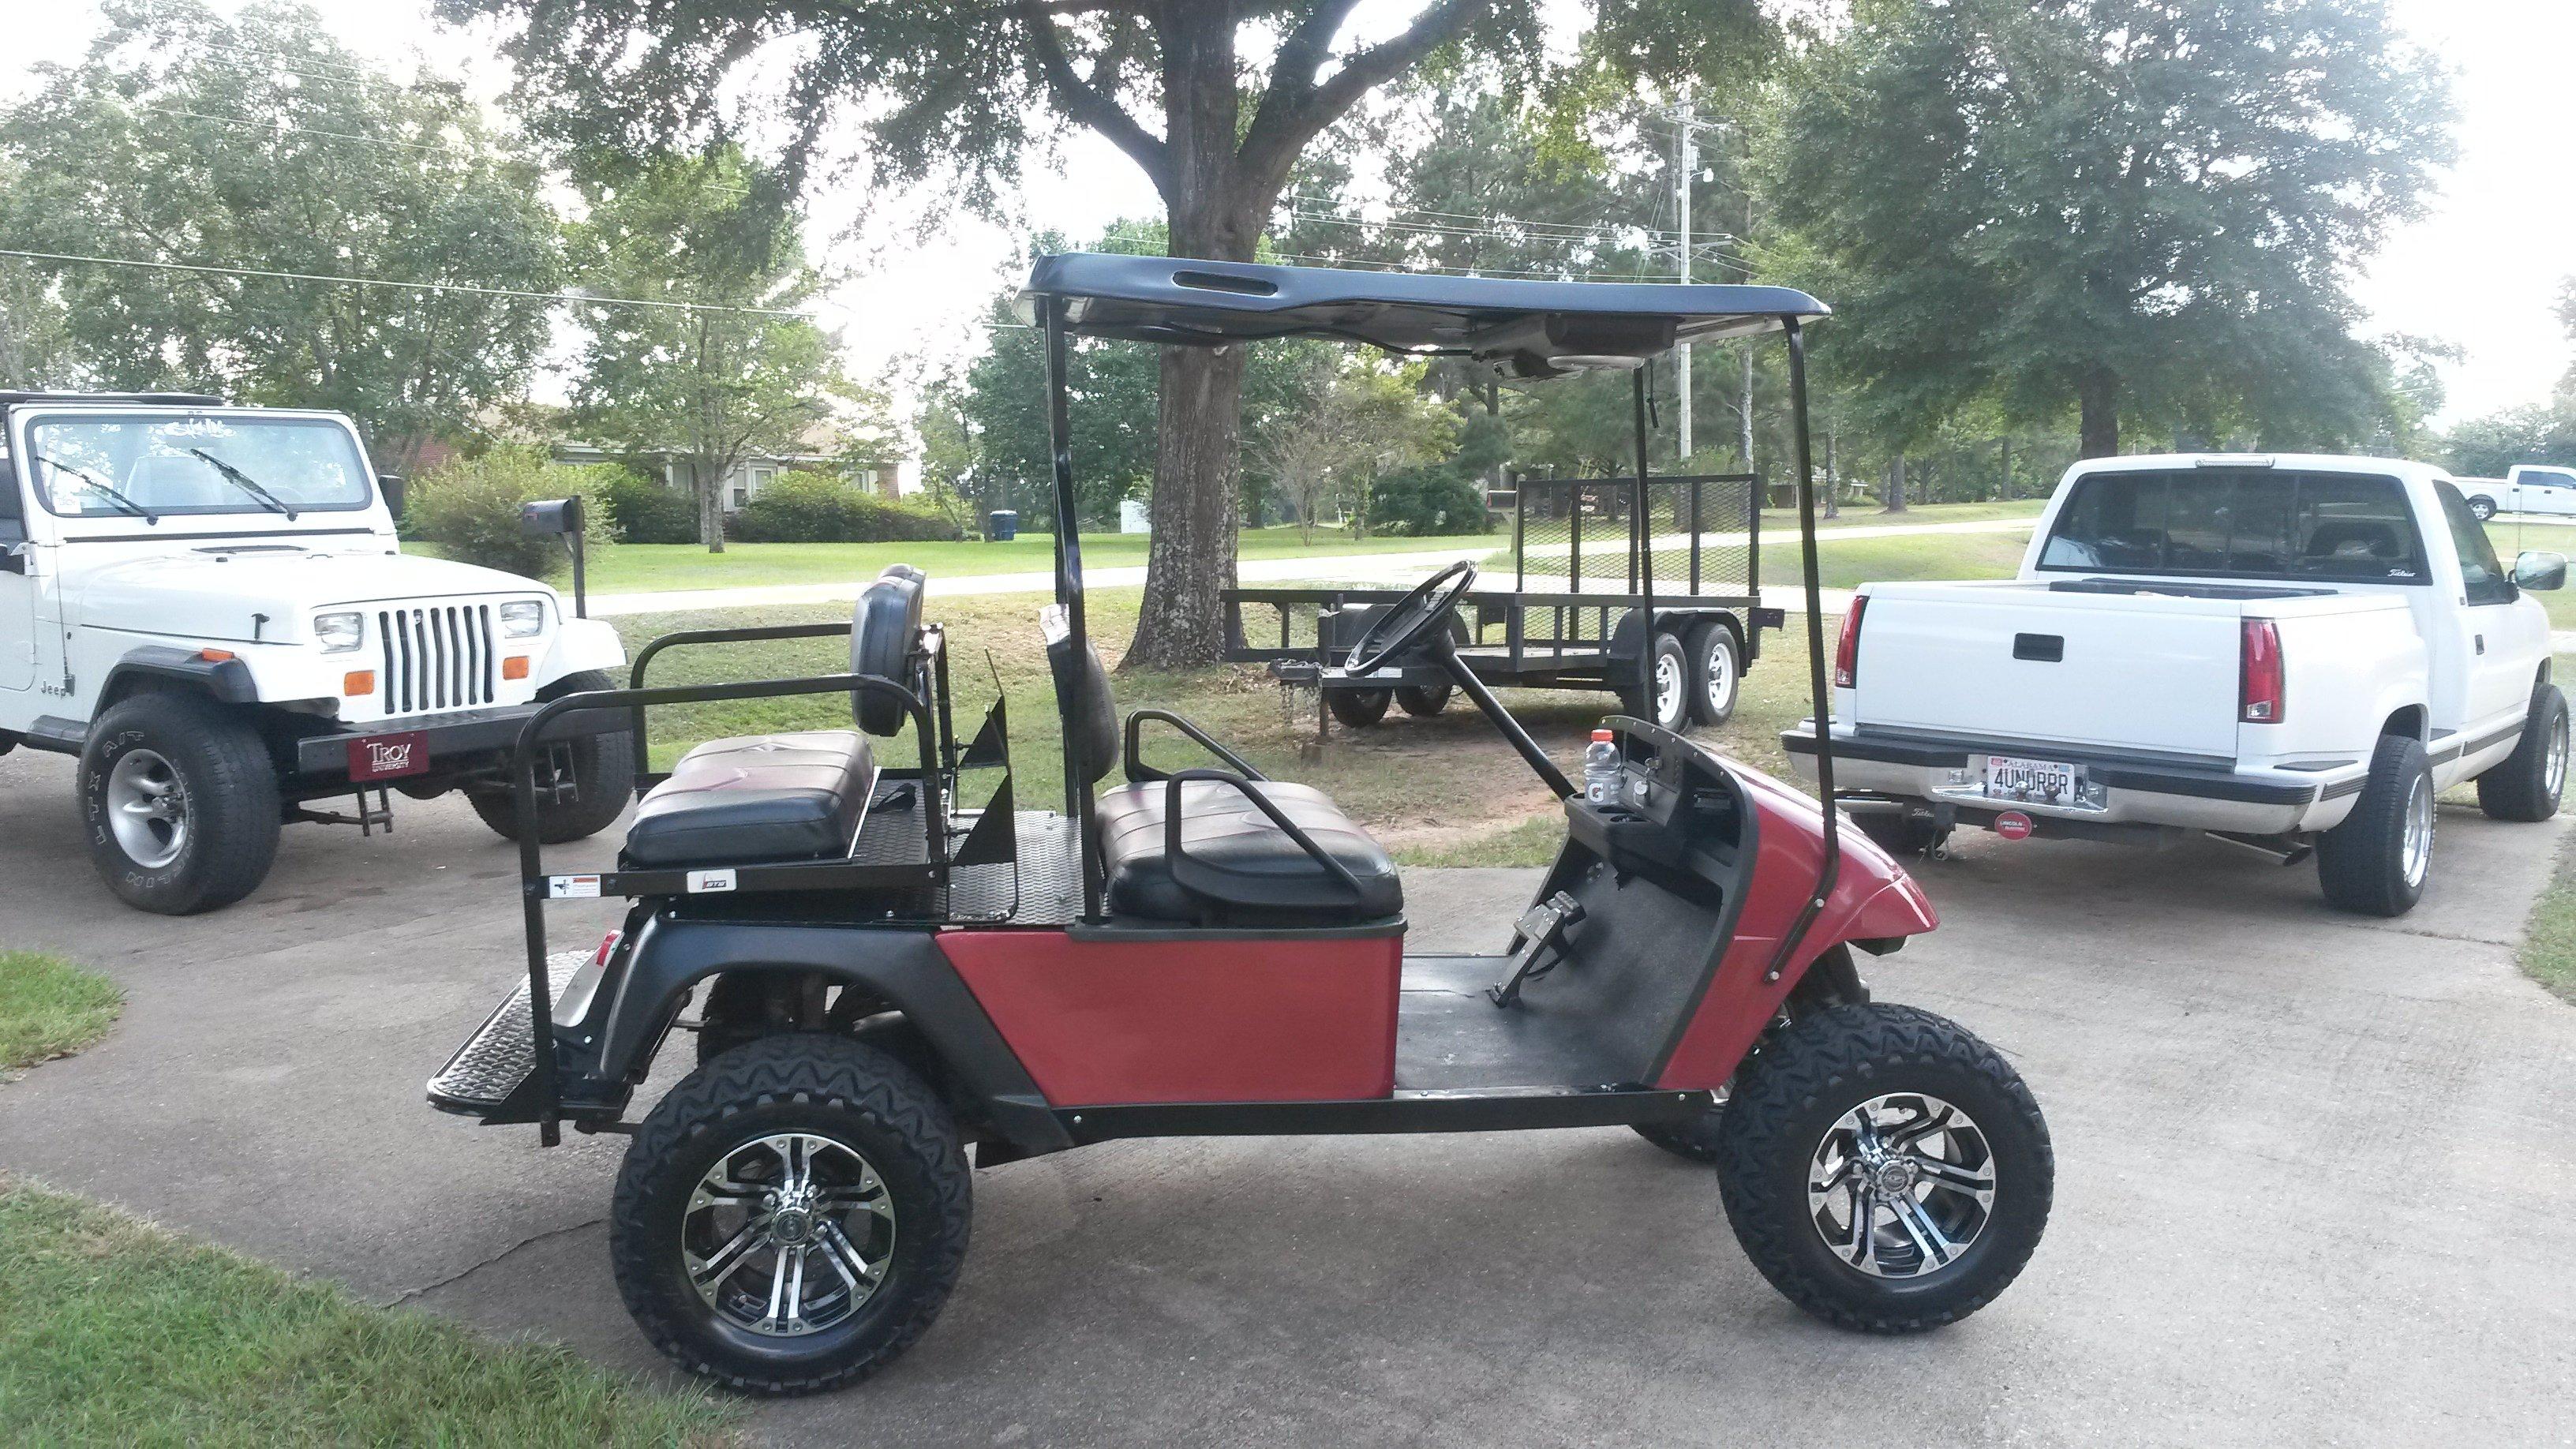 2003 yamaha bike, 2003 yamaha parts, 2003 yamaha cruiser, 2003 yamaha boat, wrecked golf cart, 1990 golf cart, 1999 golf cart, 2003 yamaha scooter, v8 golf cart, 2003 yamaha quad, 2003 yamaha suv, on 2003 yamaha golf cart battery html